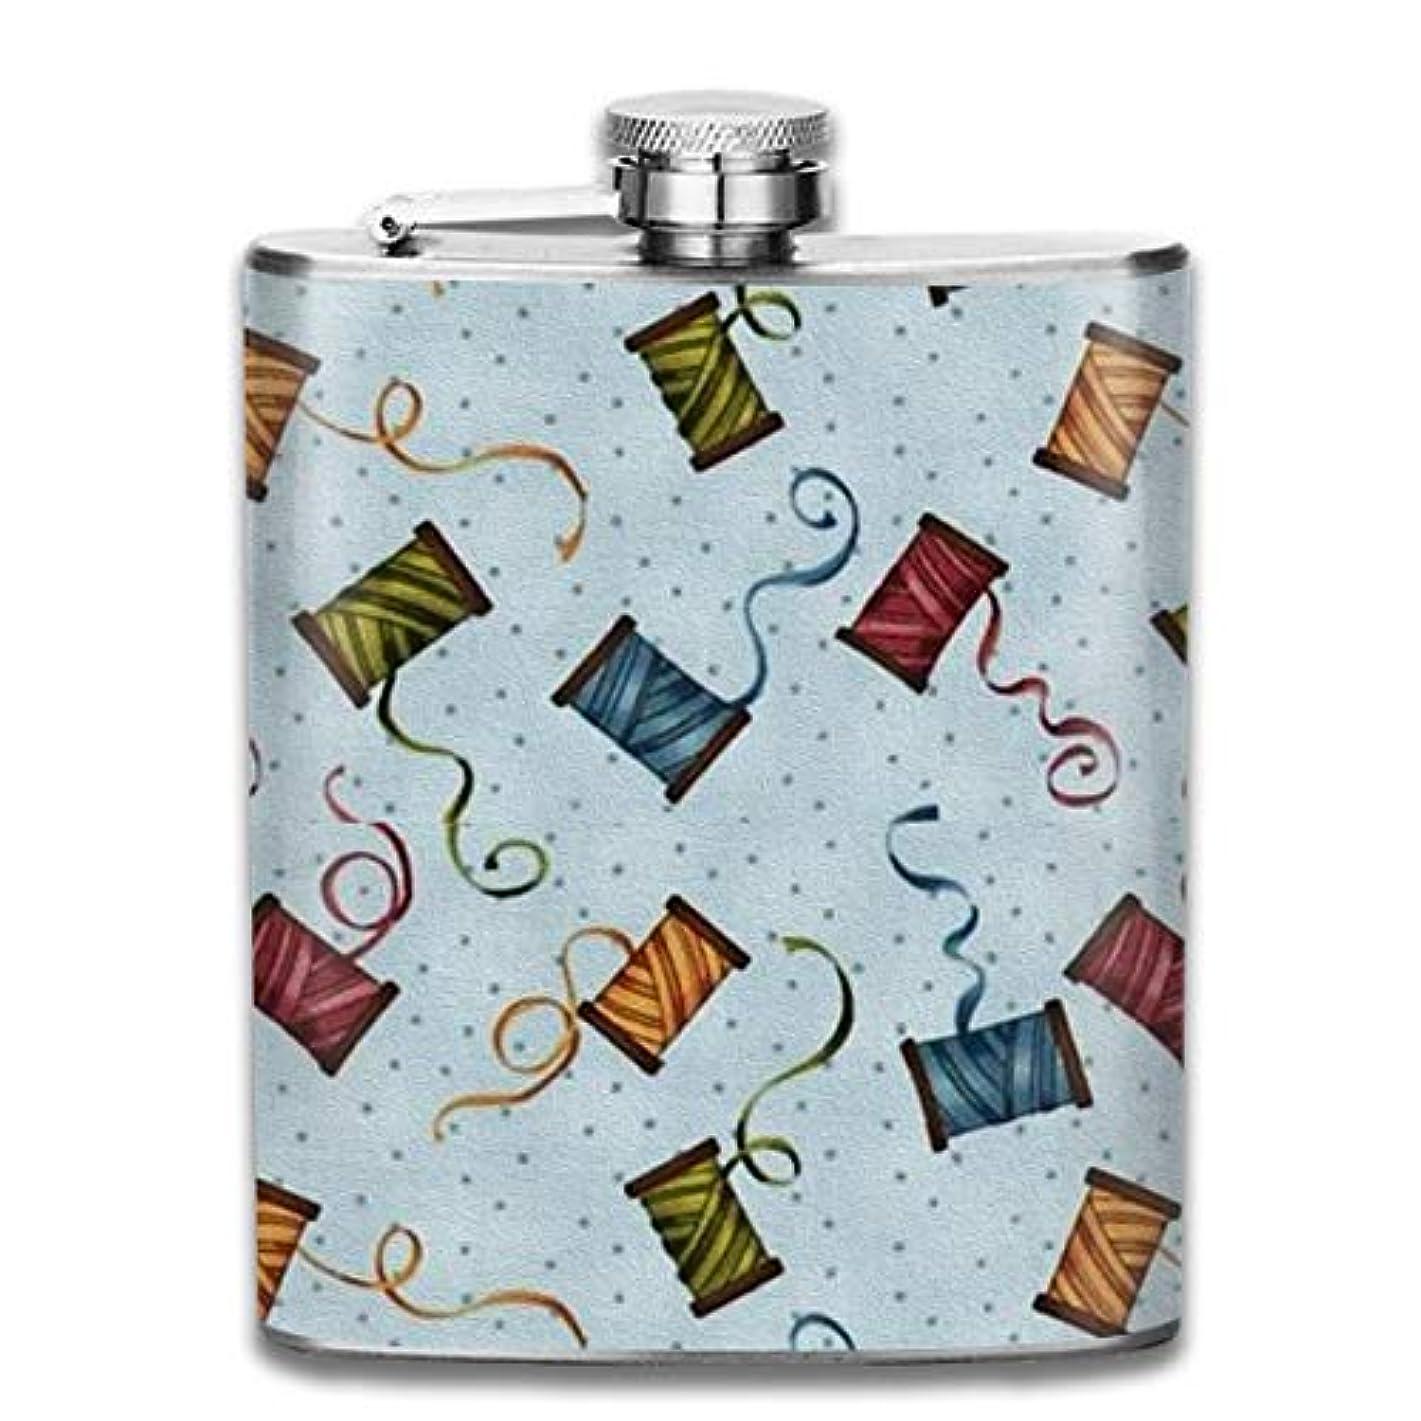 破壊浜辺代理人カラフルな線 フラスコ スキットル ヒップフラスコ 7オンス 206ml 高品質ステンレス製 ウイスキー アルコール 清酒 携帯 ボトル